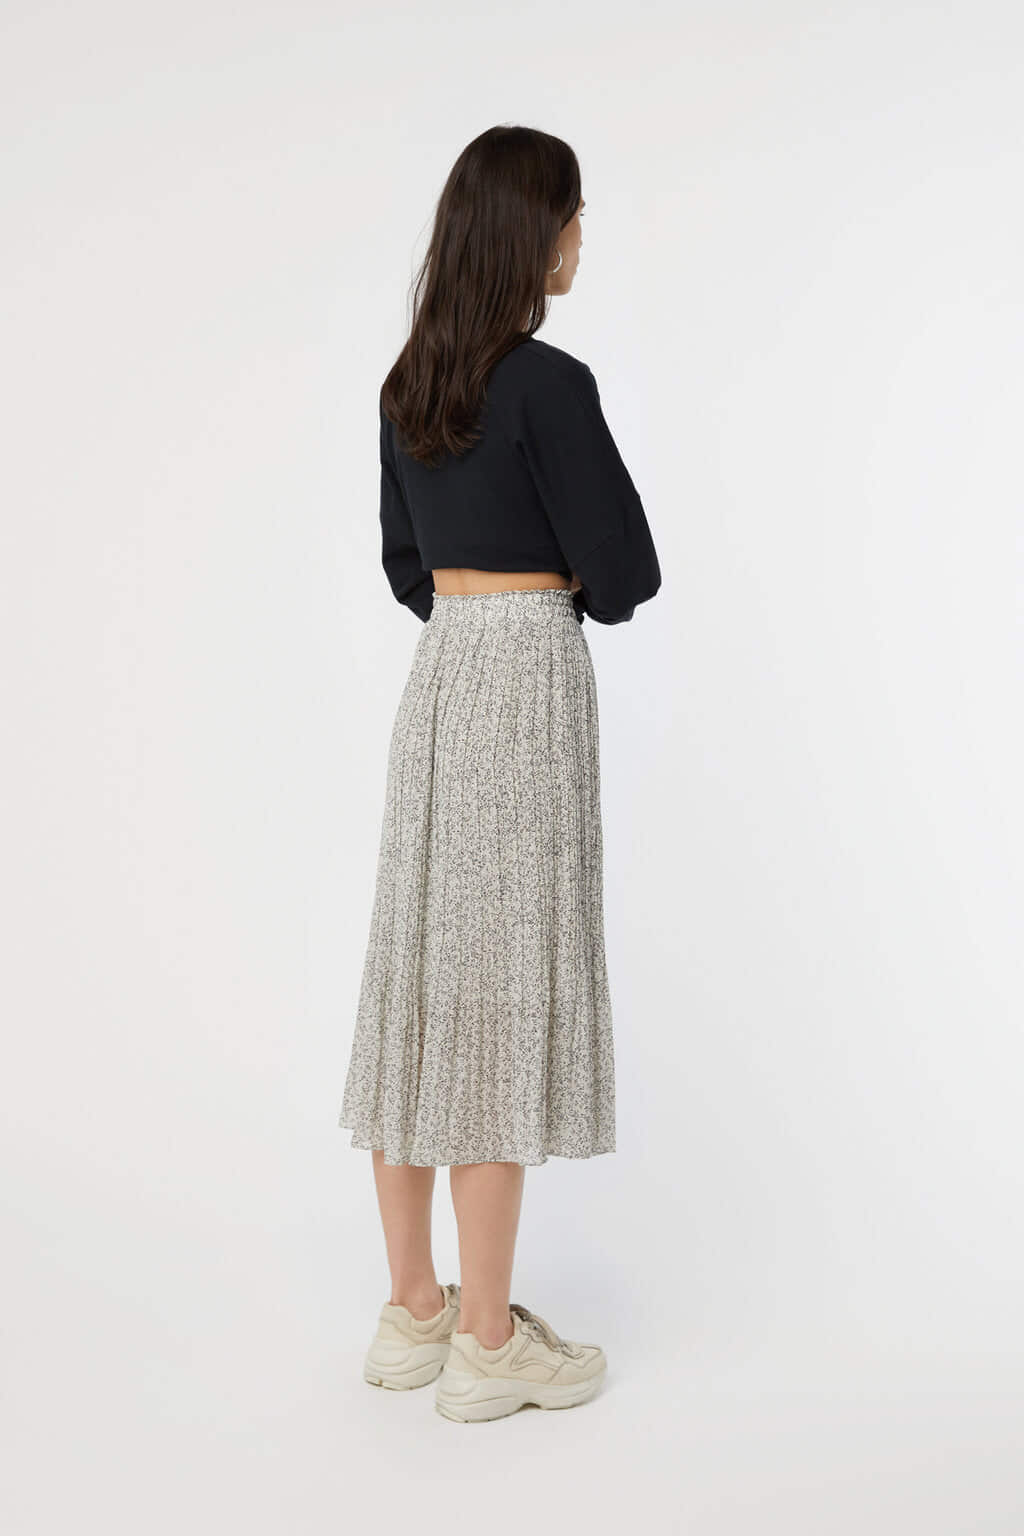 Skirt K004 Cream 4